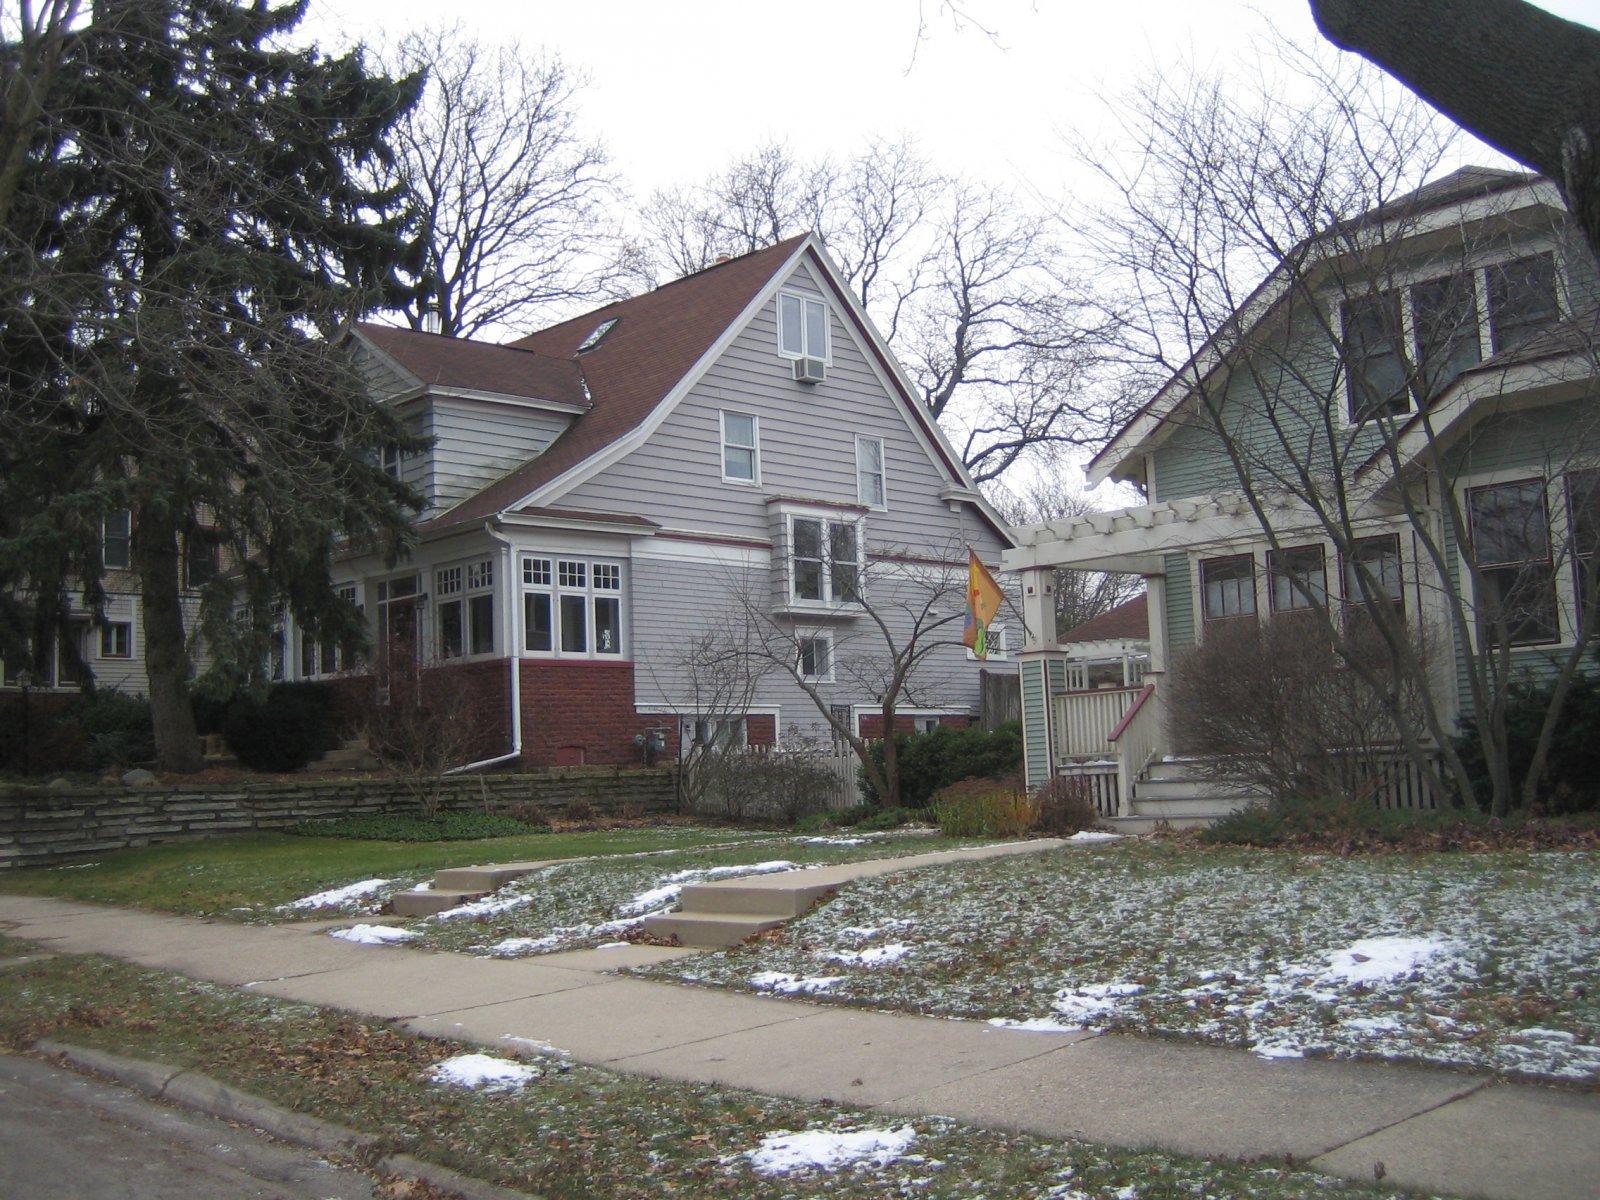 John Gurda\'s house on the left.